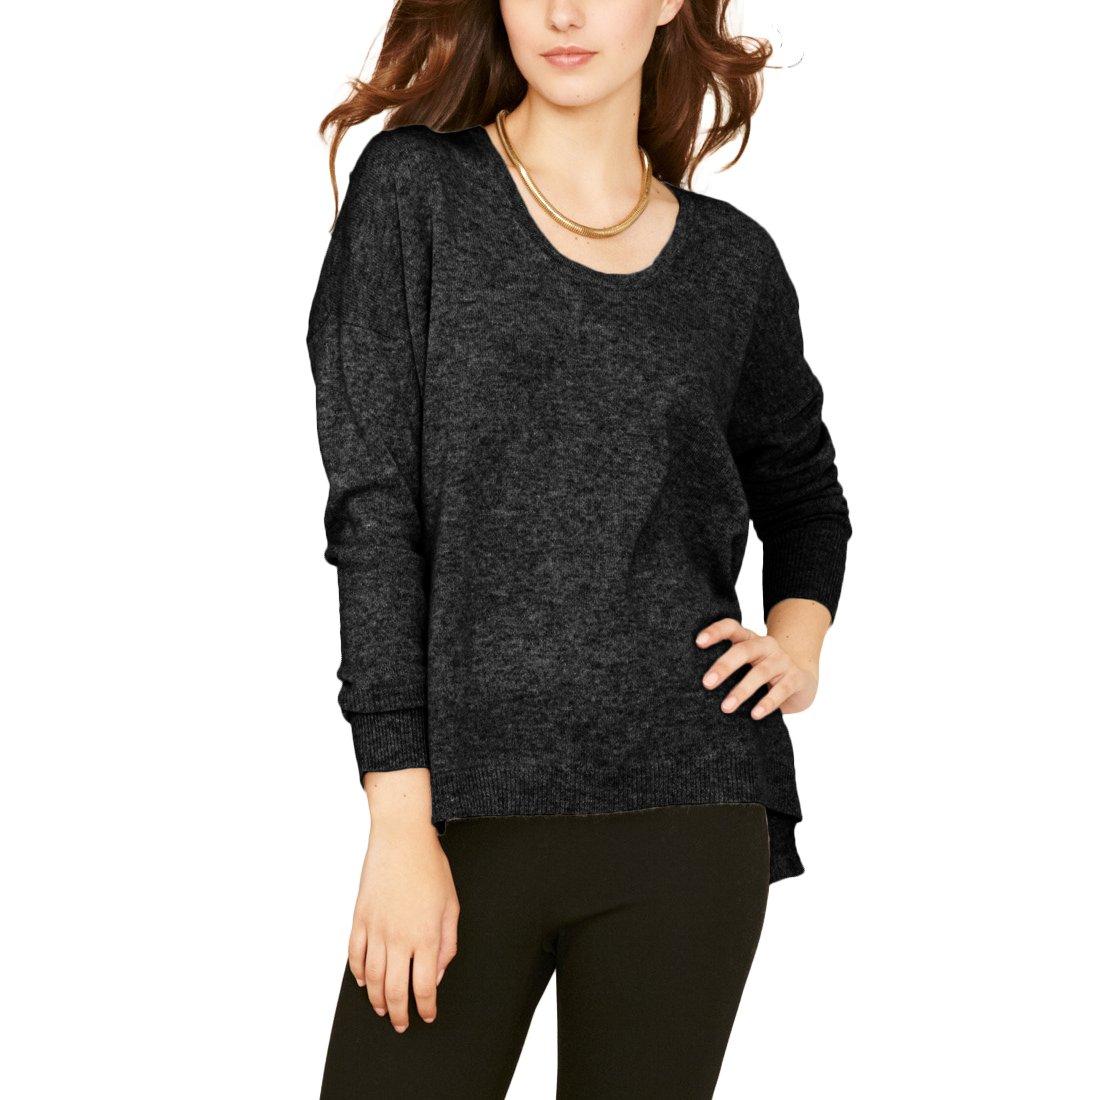 Parisbonbon Women's 100% Cashmere Scoop Neck Sweater Color Black Gray Size 3X